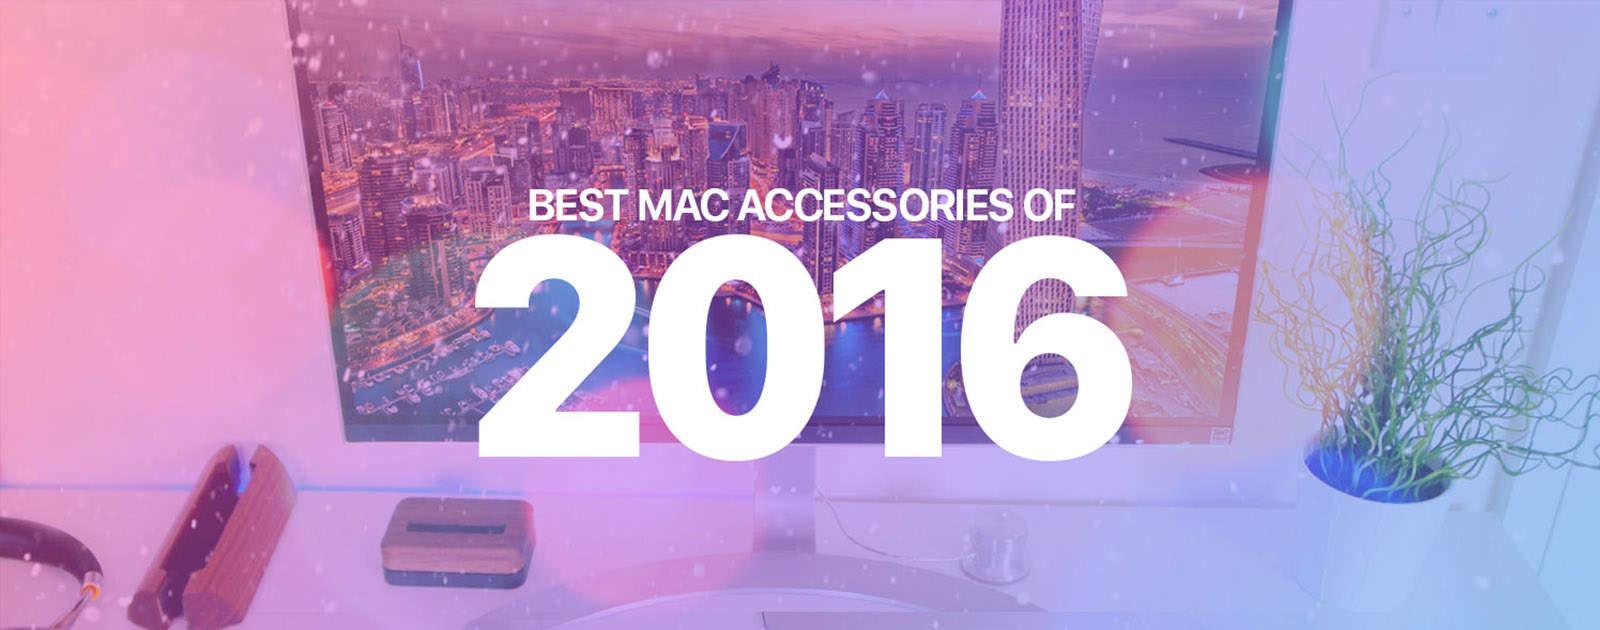 Best Mac accessories 2016